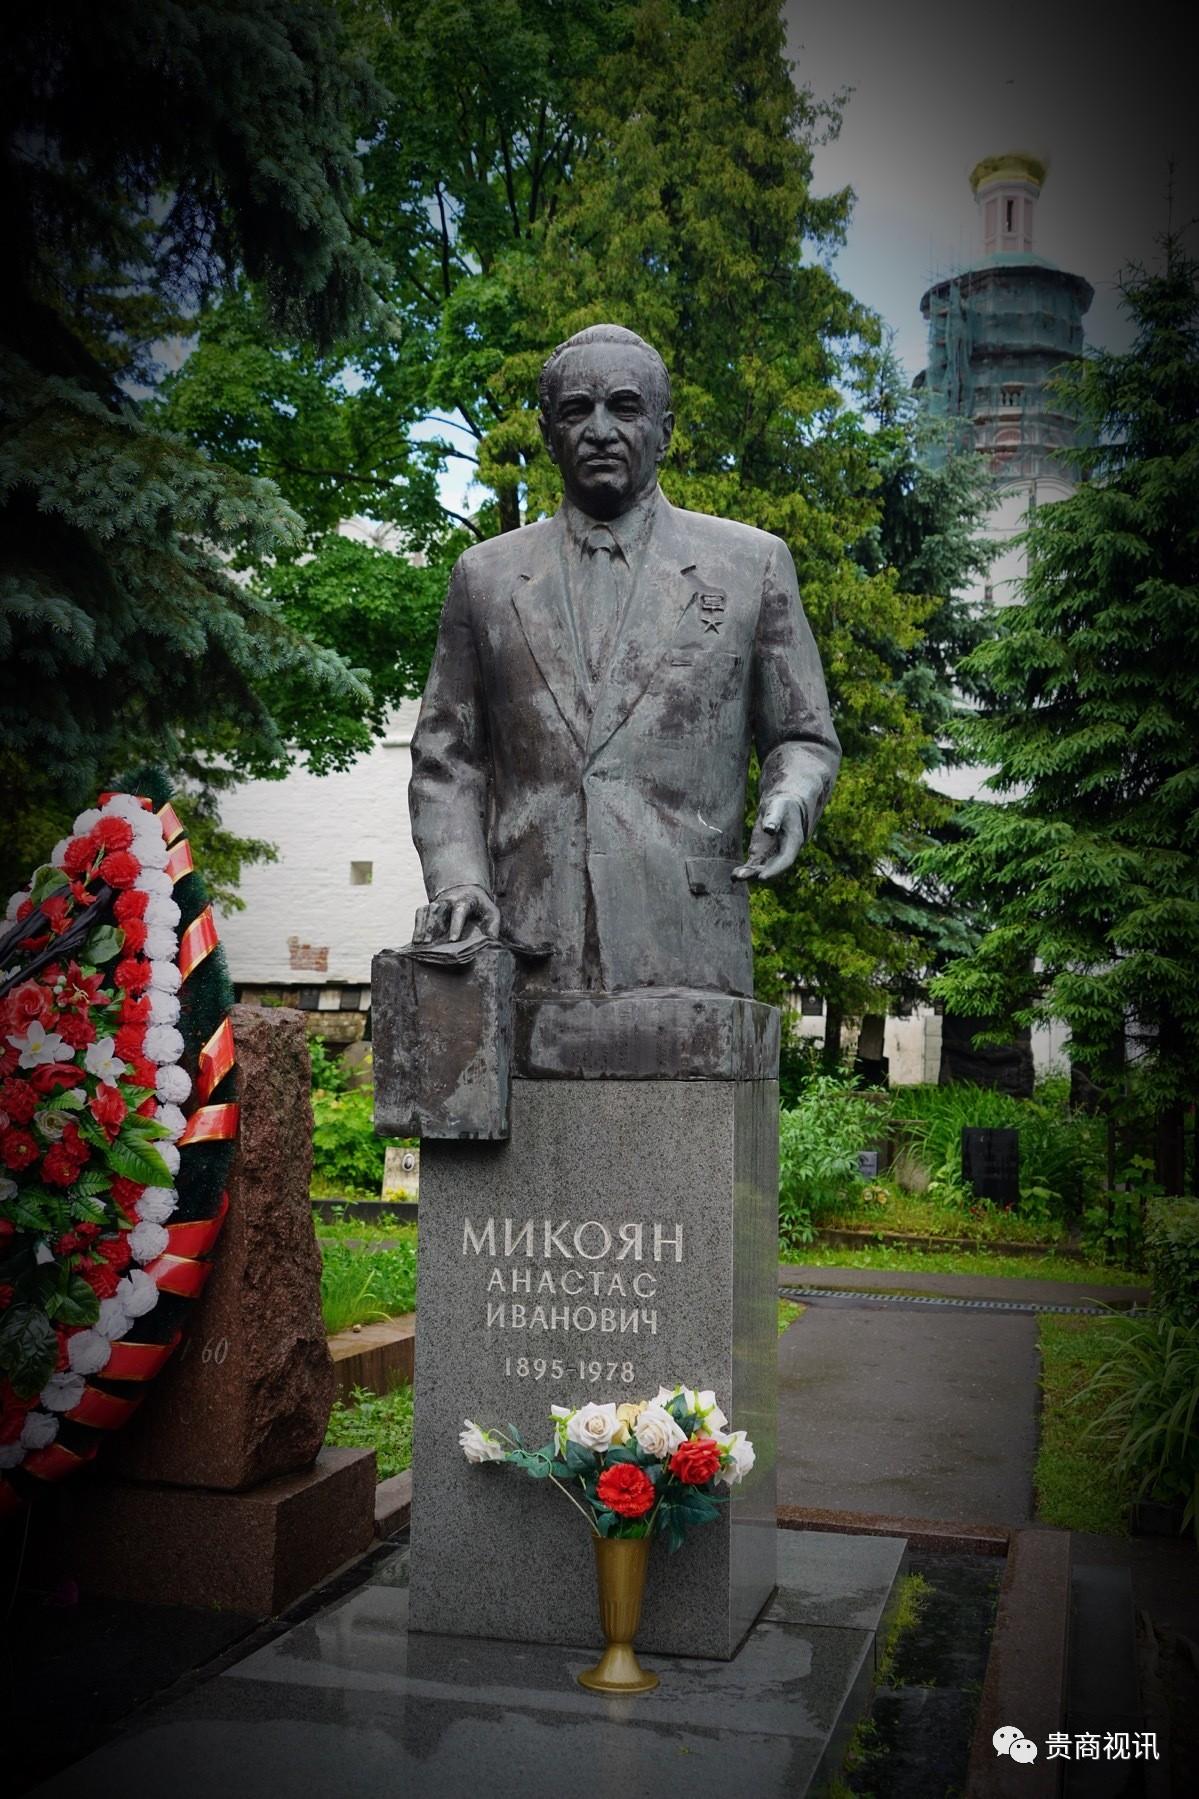 """叶利钦之墓位于中心广场  2008年4月,俄罗斯总统普京和当选总统梅德韦杰夫亲自前往新处女公墓,参加了叶利钦遗体安葬地的隆重仪式  鲍里斯・尼古拉耶维奇・・叶利钦(1931年2月1日-2007年4月23日),俄罗斯总统。曾历任苏共中央政治局委员、莫斯科市市长、苏联俄罗斯 联邦最高苏维埃主席、俄罗斯首任民选总统,执政时推动市场经济和民主制,采取""""休克疗法"""",导致俄罗斯经济濒临崩溃。叶利钦对华态度友好,并推举了一位卓越的接班人――普京。  2007年4月23日20点45分,叶利钦因心脏衰竭逝世,享年76岁。由于叶利钦对俄罗斯有重大奉献,他的葬礼以国葬的形式在2007年4月25日进行,而且定为全国哀悼日。叶利钦之墓位于中心广场  2008年4月,俄罗斯总统普京和当选总统梅德韦杰夫亲自前往新处女公墓,参加了叶利钦遗体安葬地的隆重仪式  鲍里斯・尼古拉耶维奇・・叶利钦(1931年2月1日-2007年4月23日),俄罗斯总统。曾历任苏共中央政治局委员、莫斯科市市长、苏联俄罗斯 联邦最高苏维埃主席、俄罗斯首任民选总统,执政时推动市场经济和民主制,采取""""休克疗法"""",导致俄罗斯经济濒临崩溃。叶利钦对华态度友好,并推举了一位卓越的接班人――普京。  2007年4月23日20点45分,叶利钦因心脏衰竭逝世,享年76岁。由于叶利钦对俄罗斯有重大奉献,他的葬礼以国葬的形式在2007年4月25日进行,而且定为全国哀悼日。"""